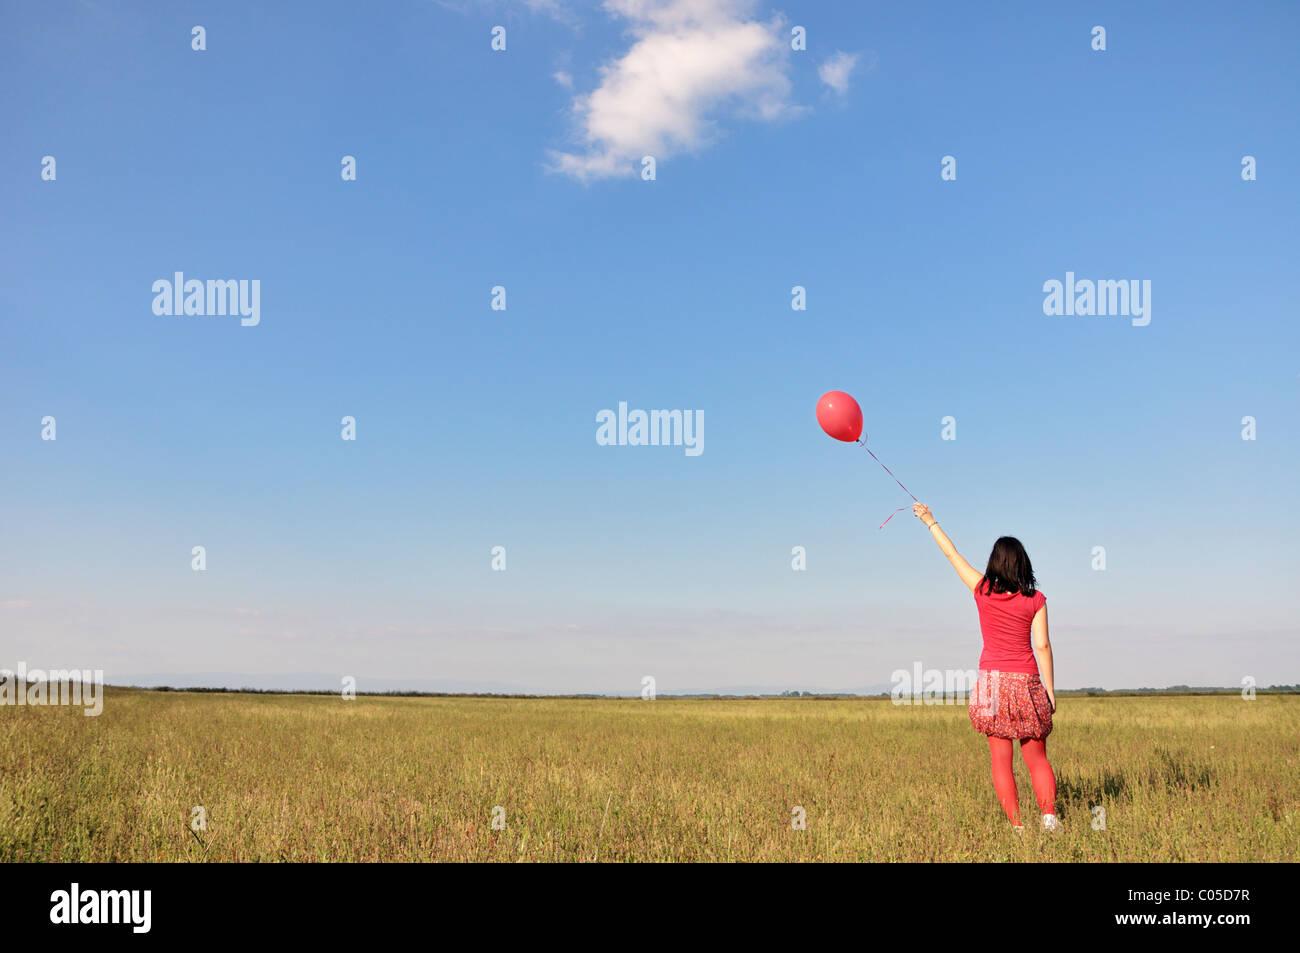 Glückliche junge Frau mit roten Ballon Stockbild